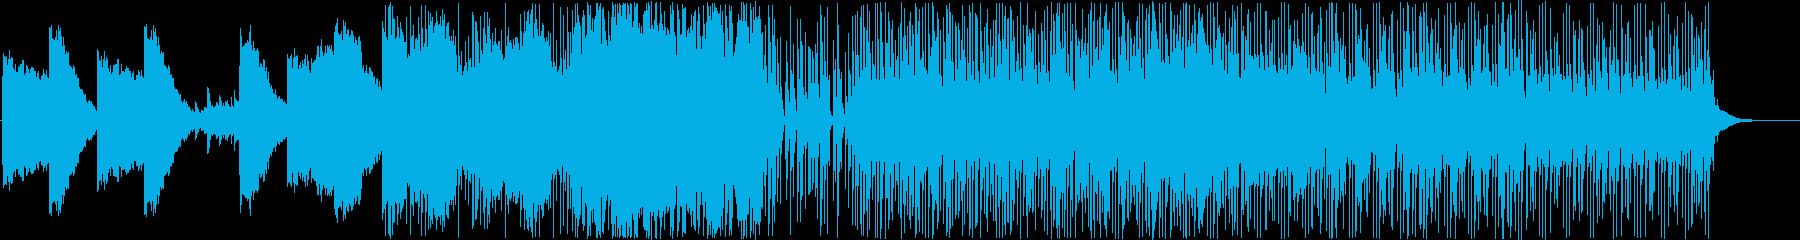 映画・ゲーム(近未来設定)のオープニングの再生済みの波形